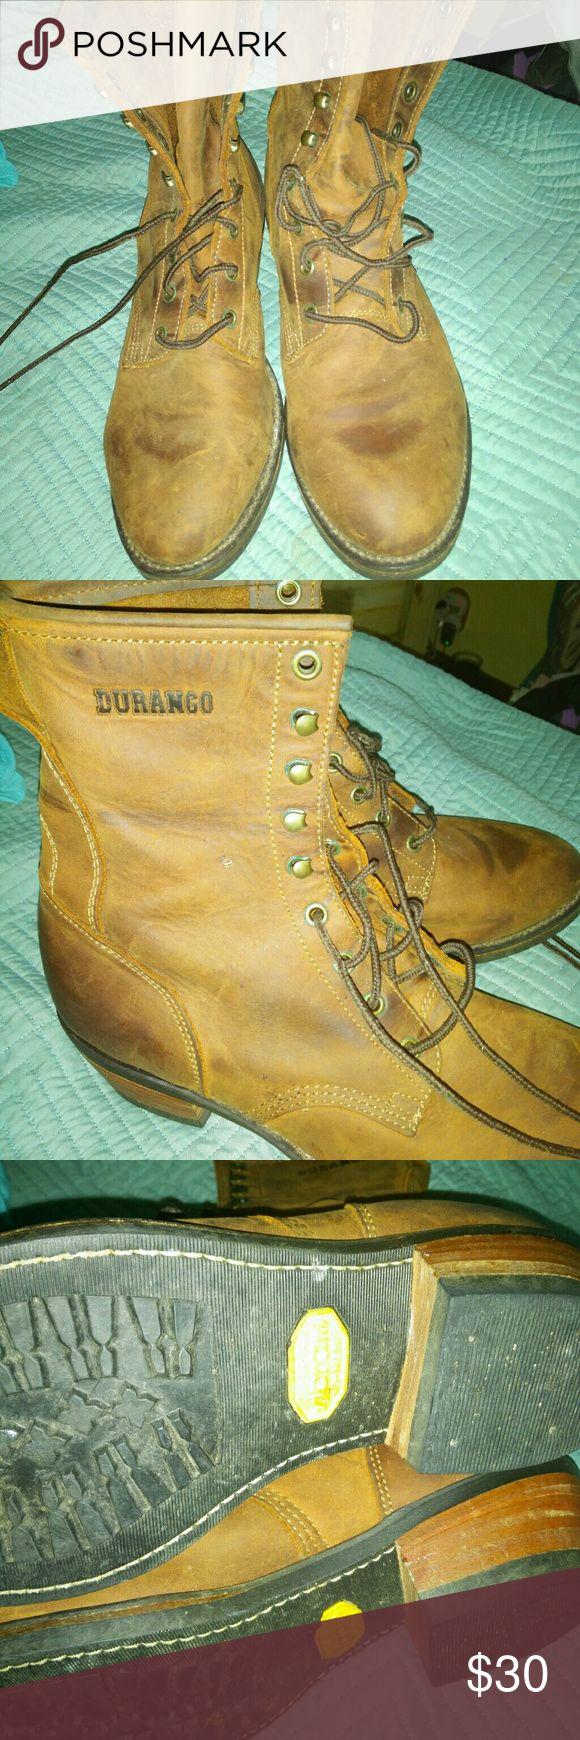 DURANGO men's leather boots DURANGO men's leather boots Great condition!  Vibram non slip soles Oil resistant Size 10.5 Durango Shoes Boots